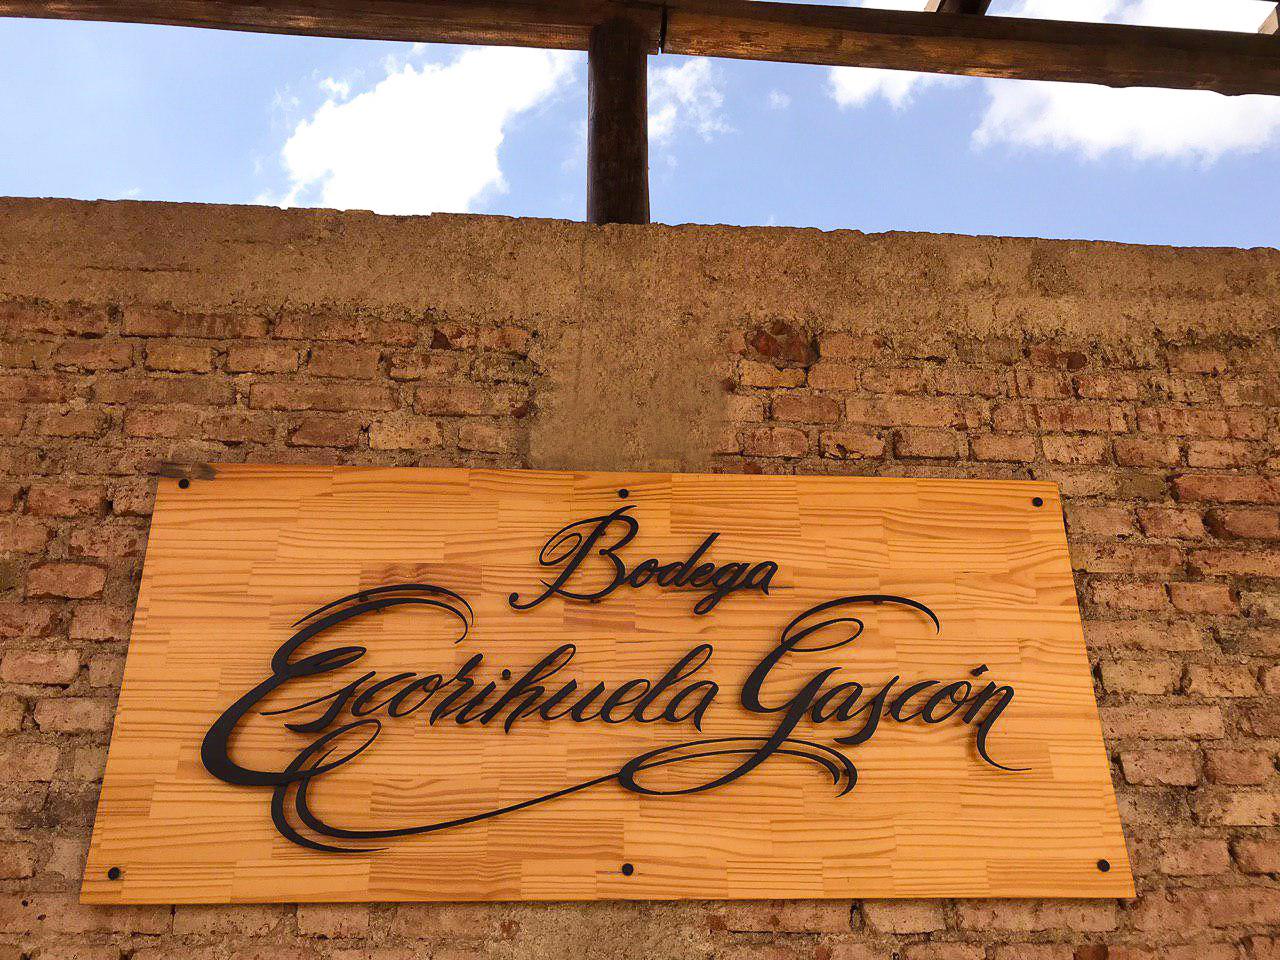 Visita à Bodega Escorihuela Gascón